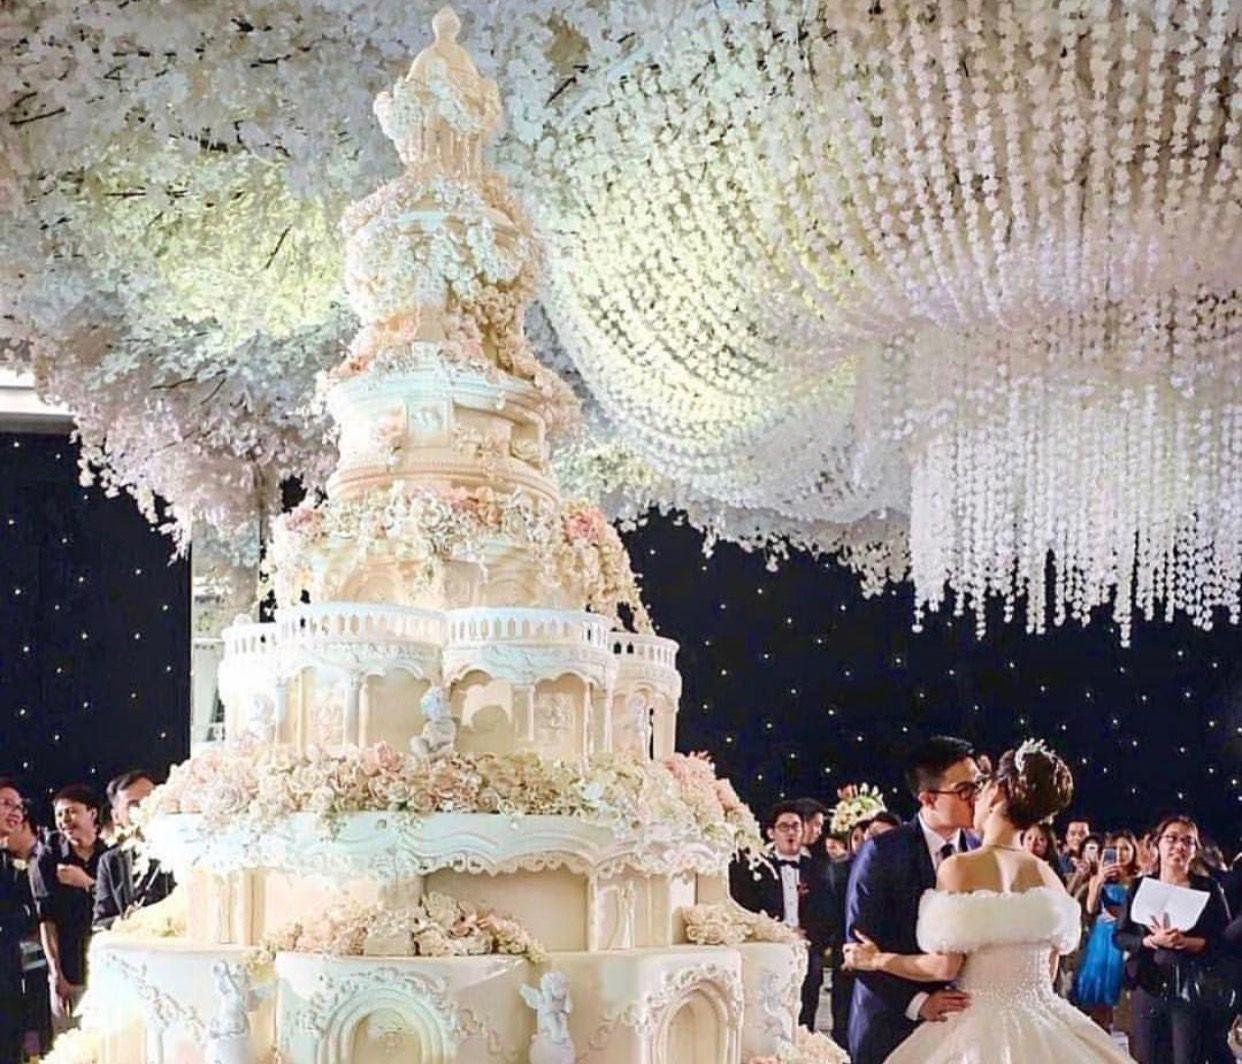 Nggak Nyangka, 5 Pernikahan Ini Bisa Masuk Rekor Dunia!